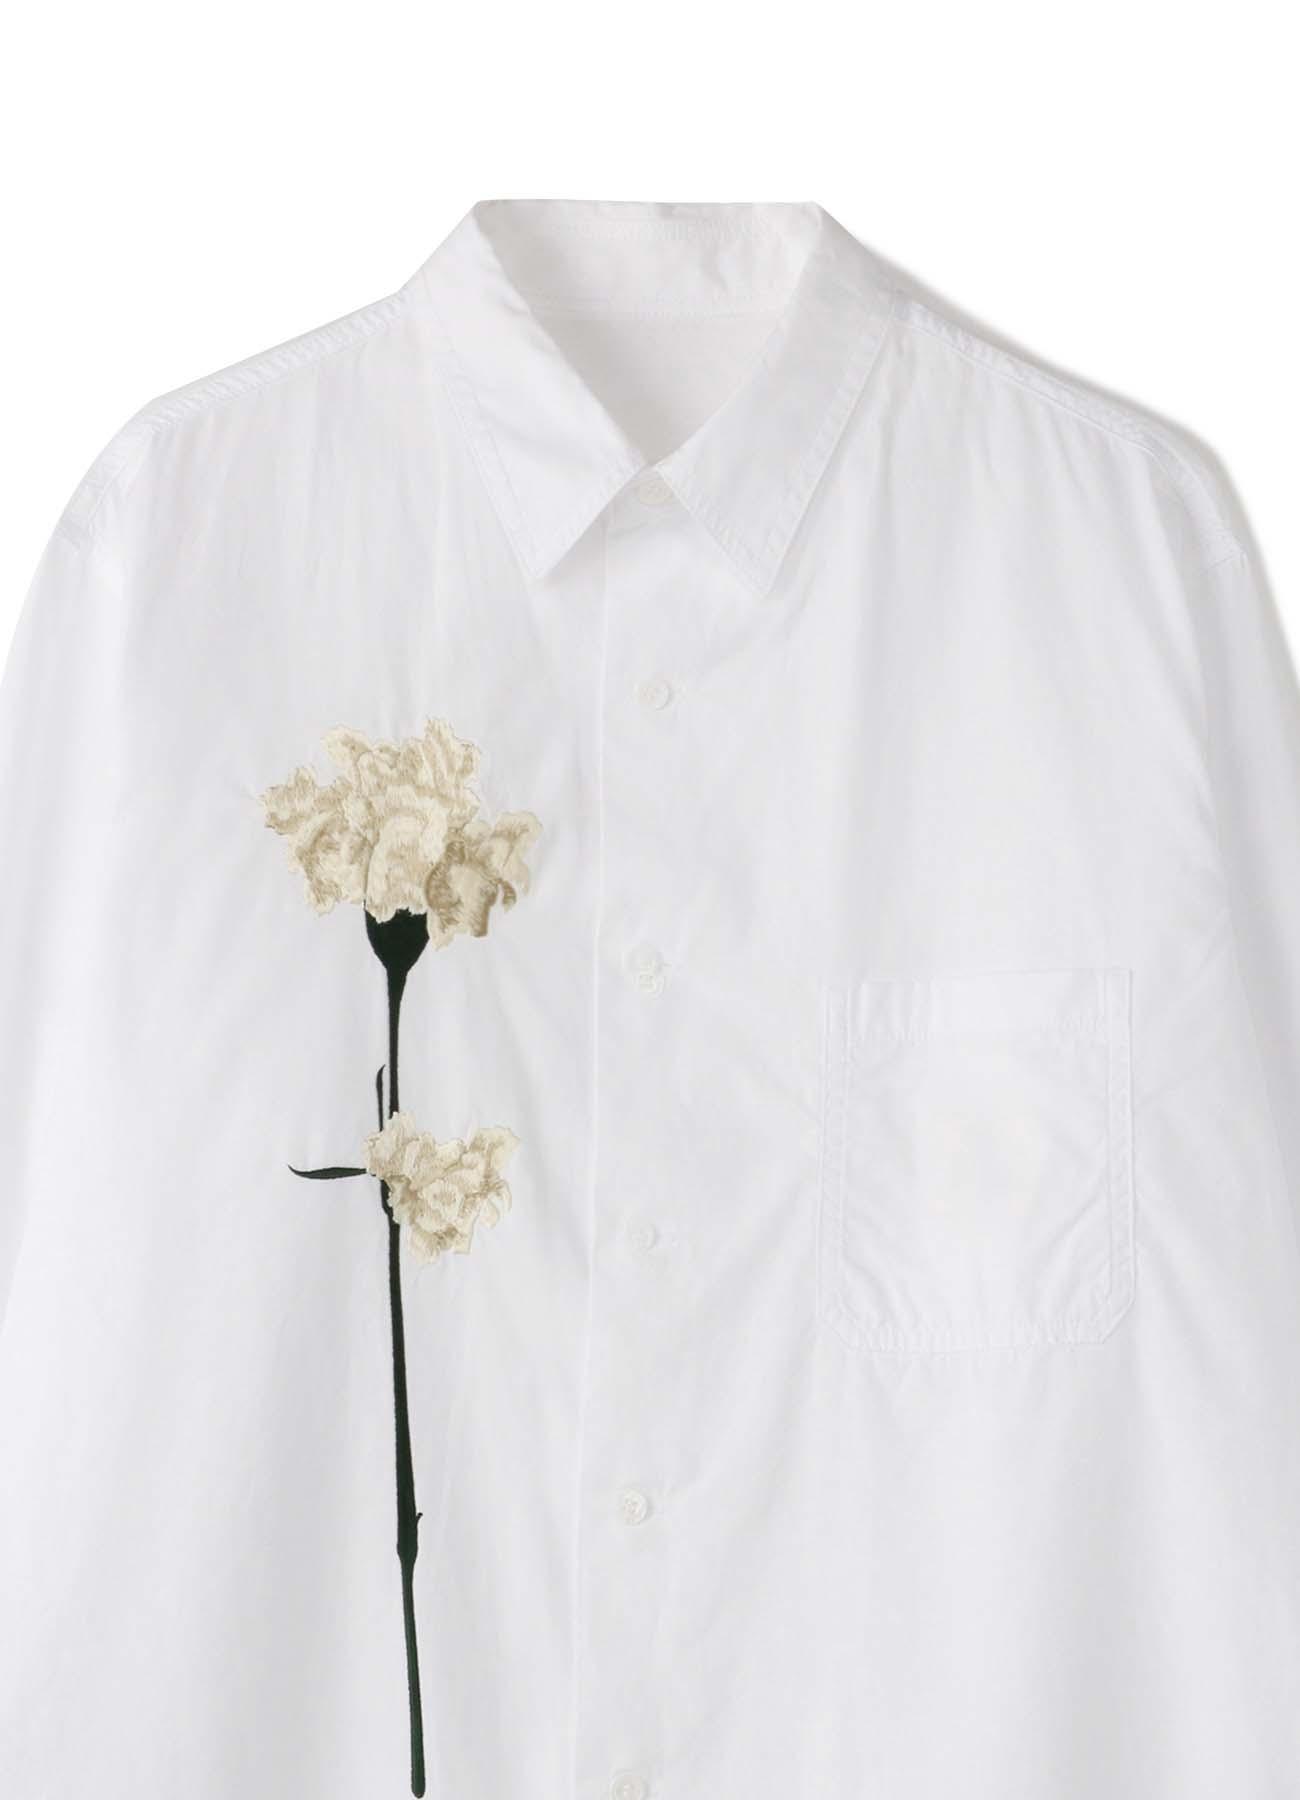 B Yohji Yamamoto White flower Shirt